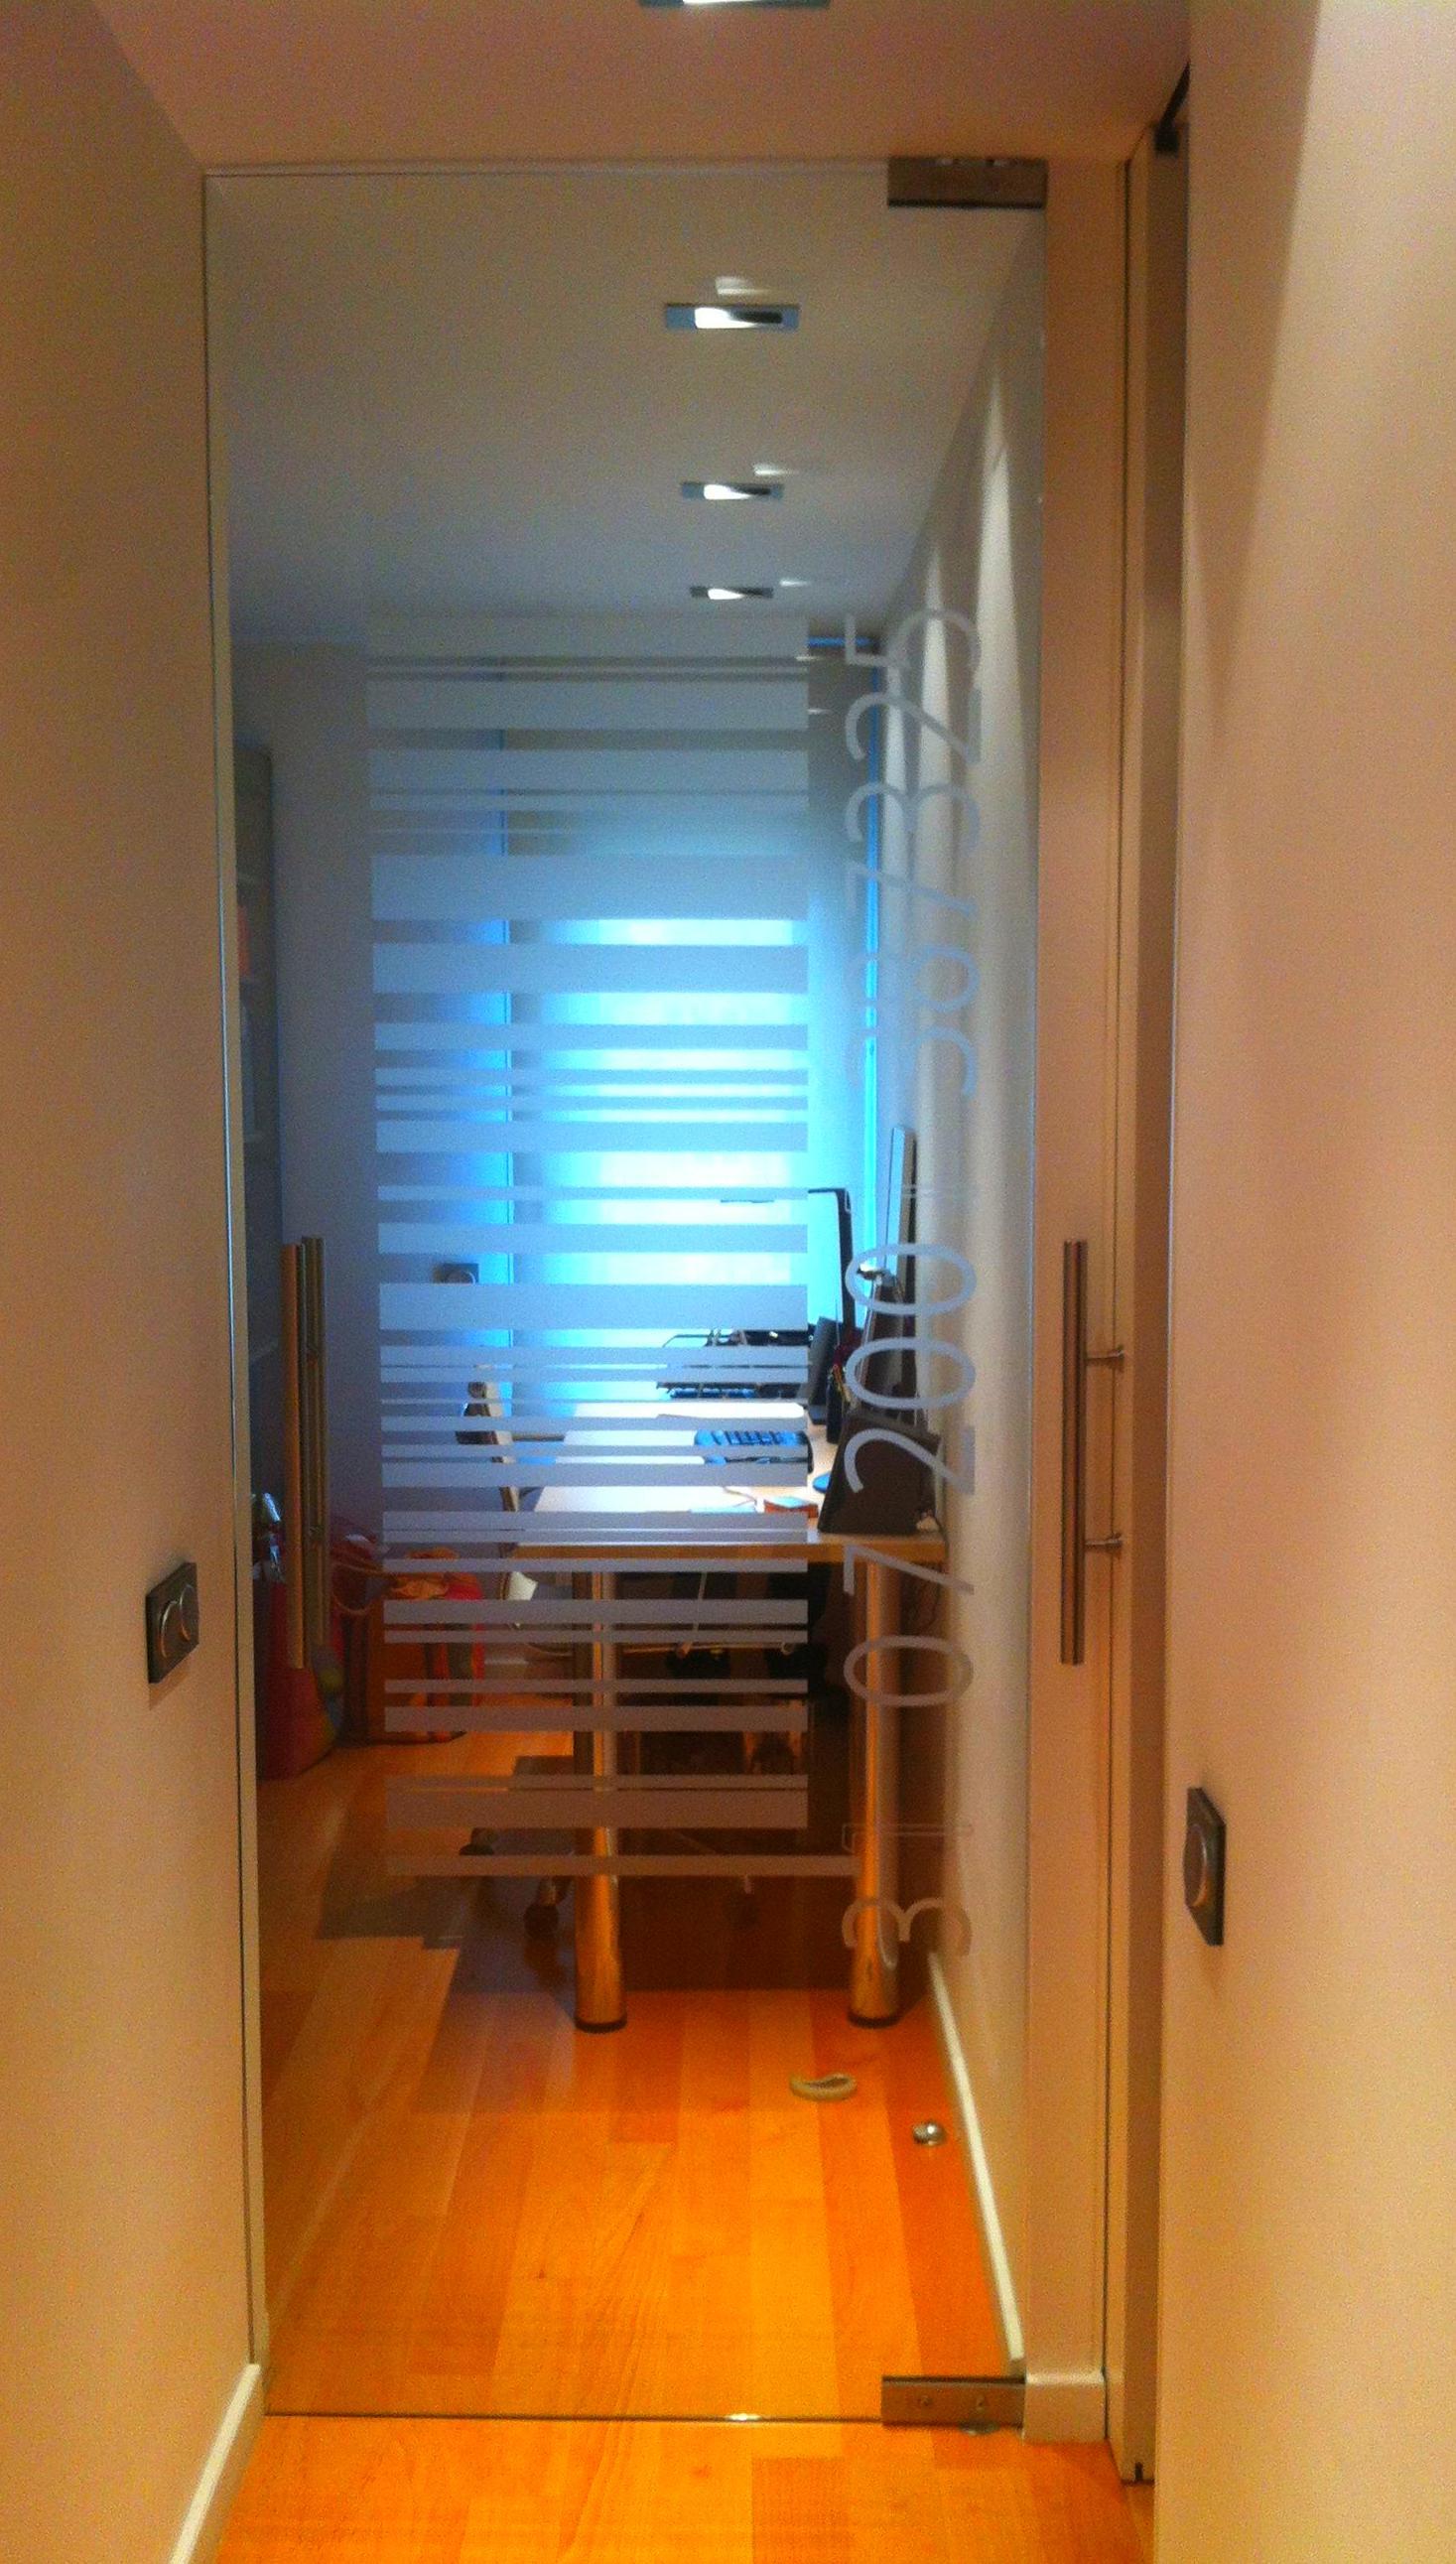 Puerta Interior de Cristal, de una hoja practicable con tirador y vinilo decorativo..